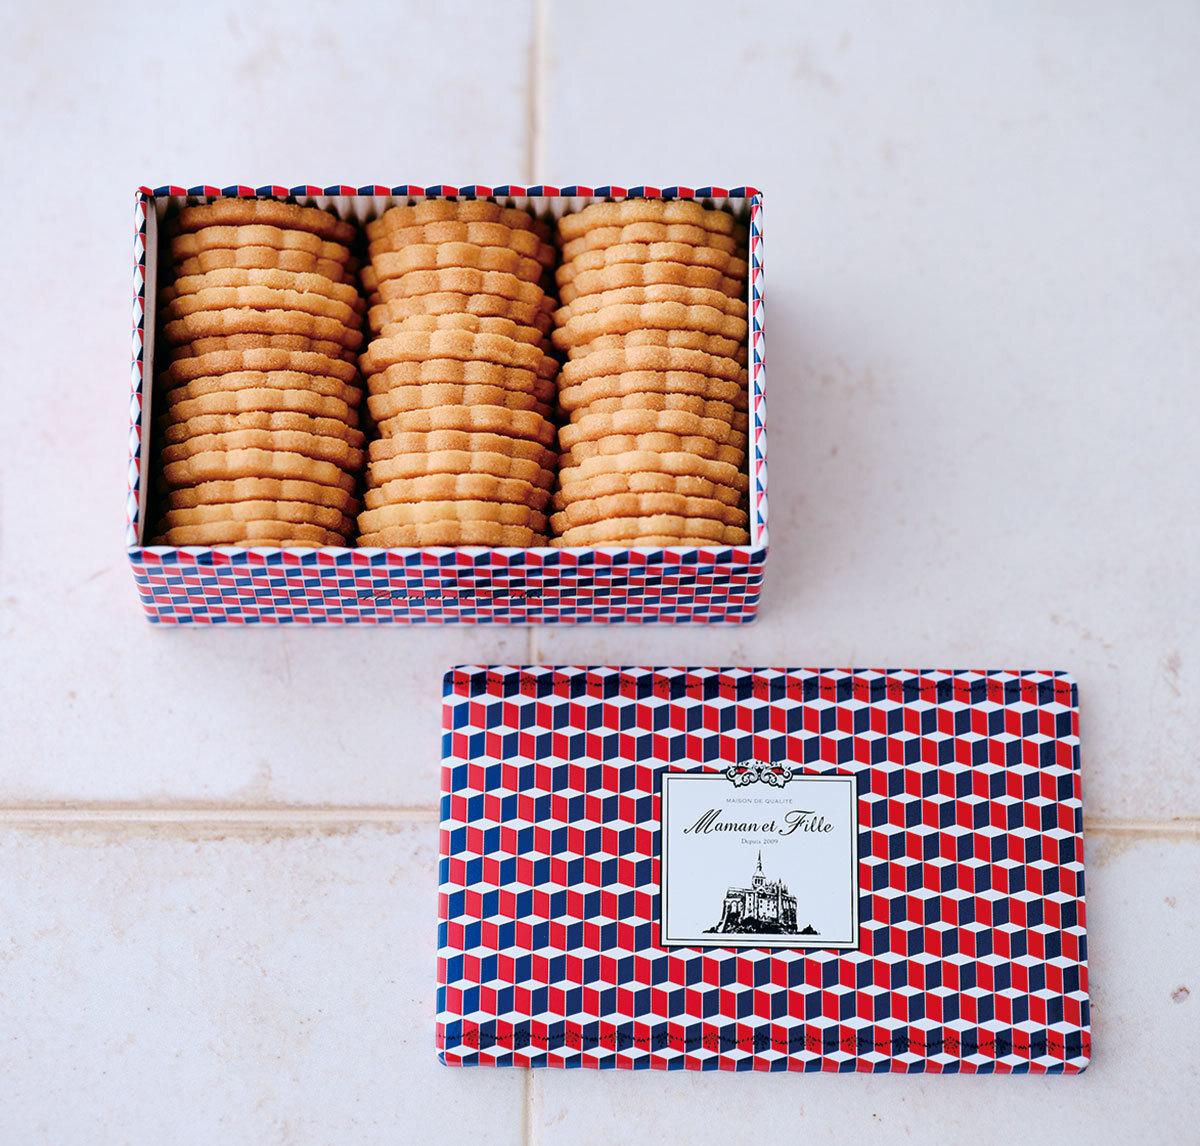 「マモン・エ・フィーユ」の フレンチビスキュイ缶